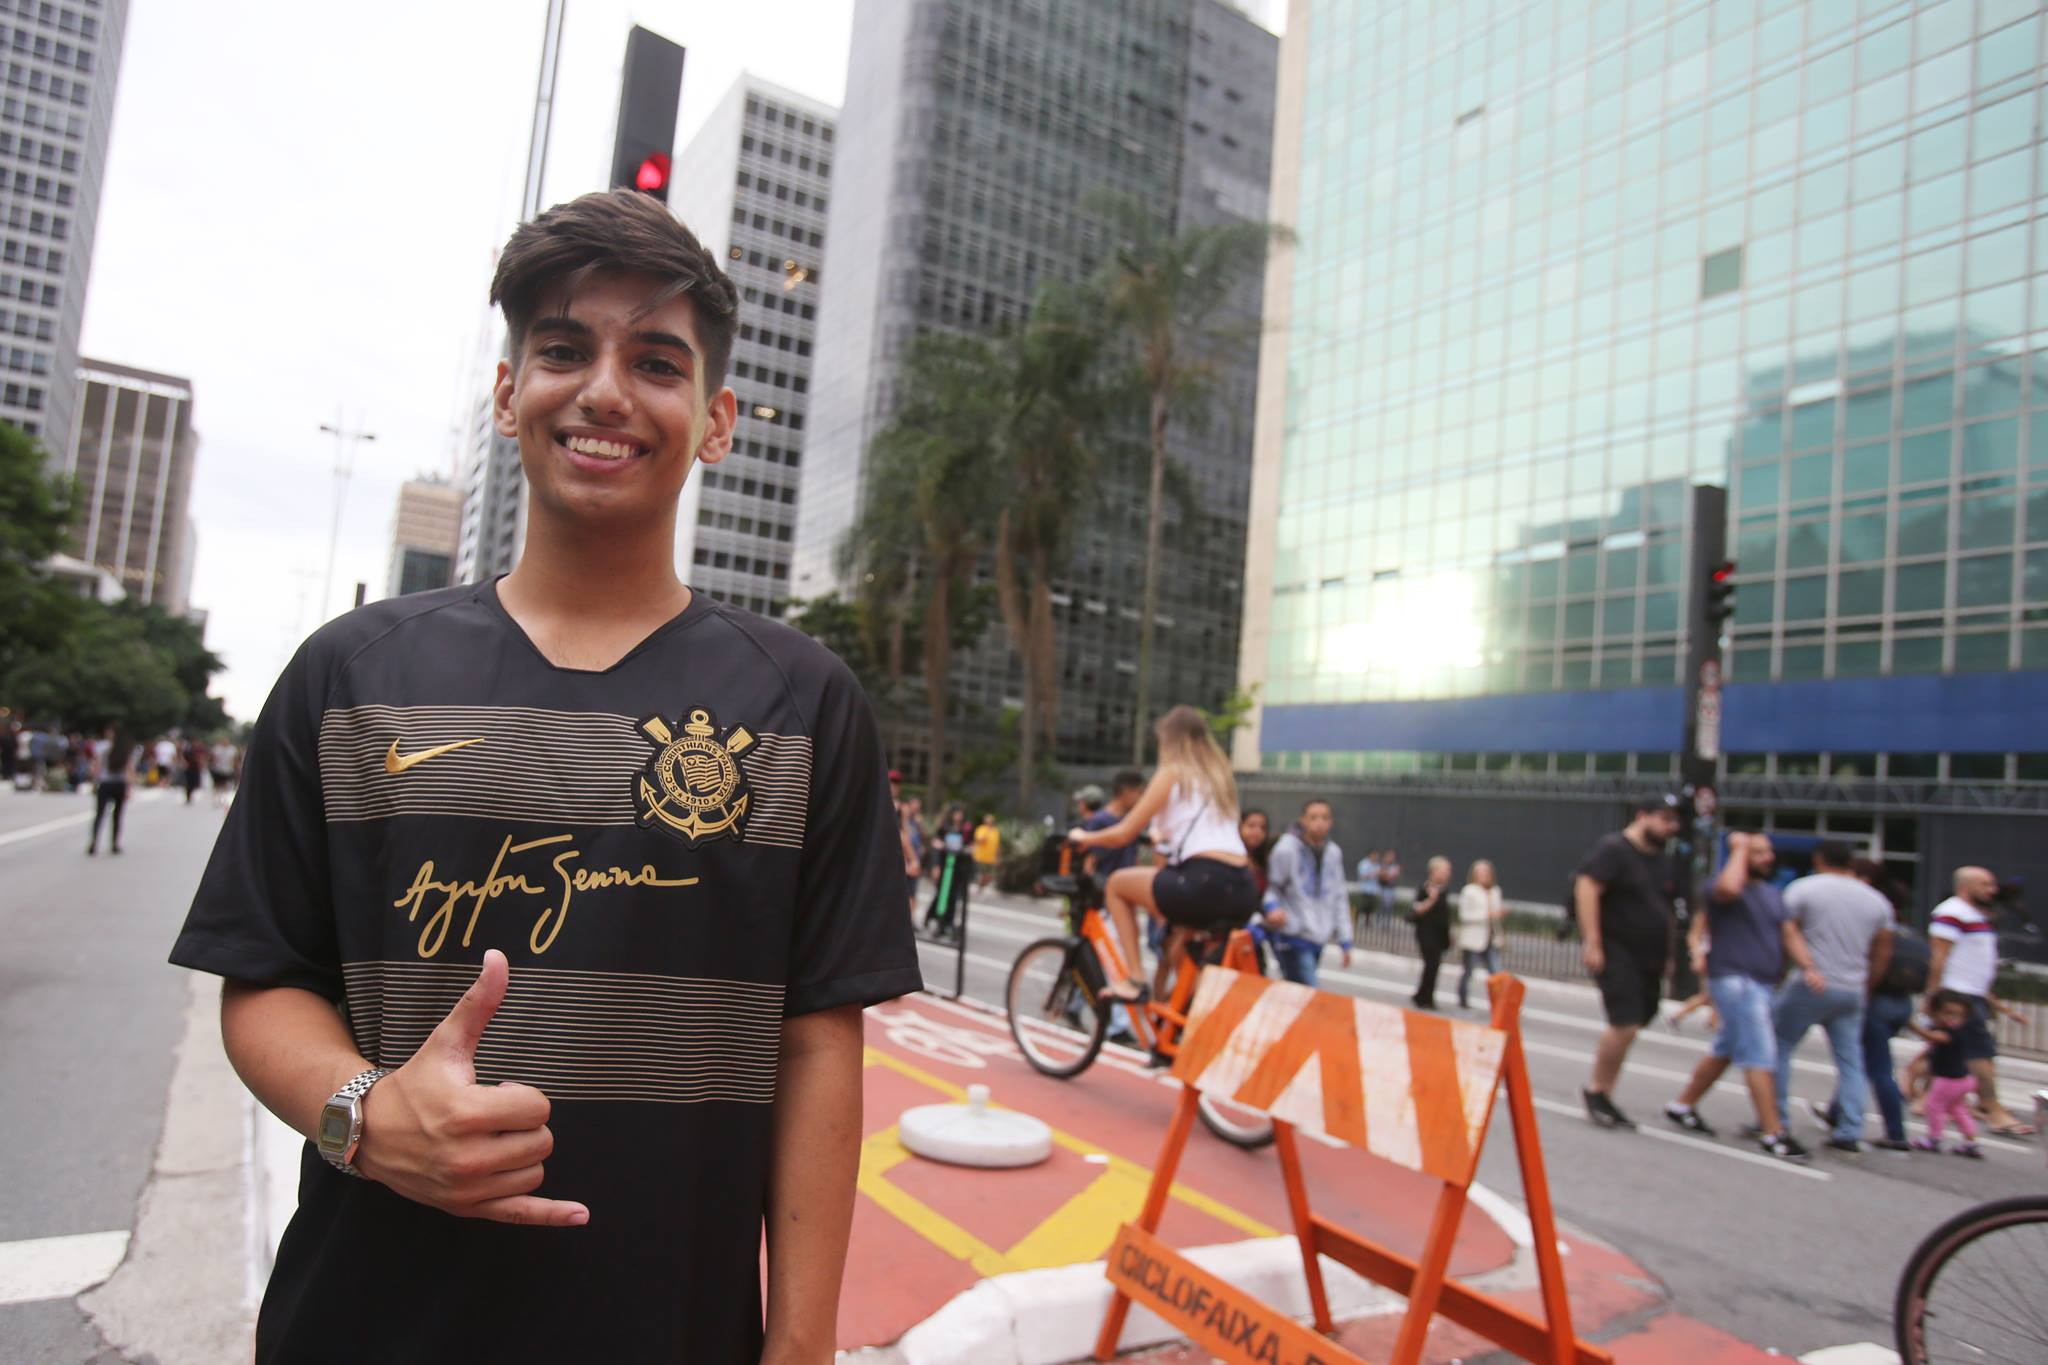 Fernando – Sport Club Corinthians